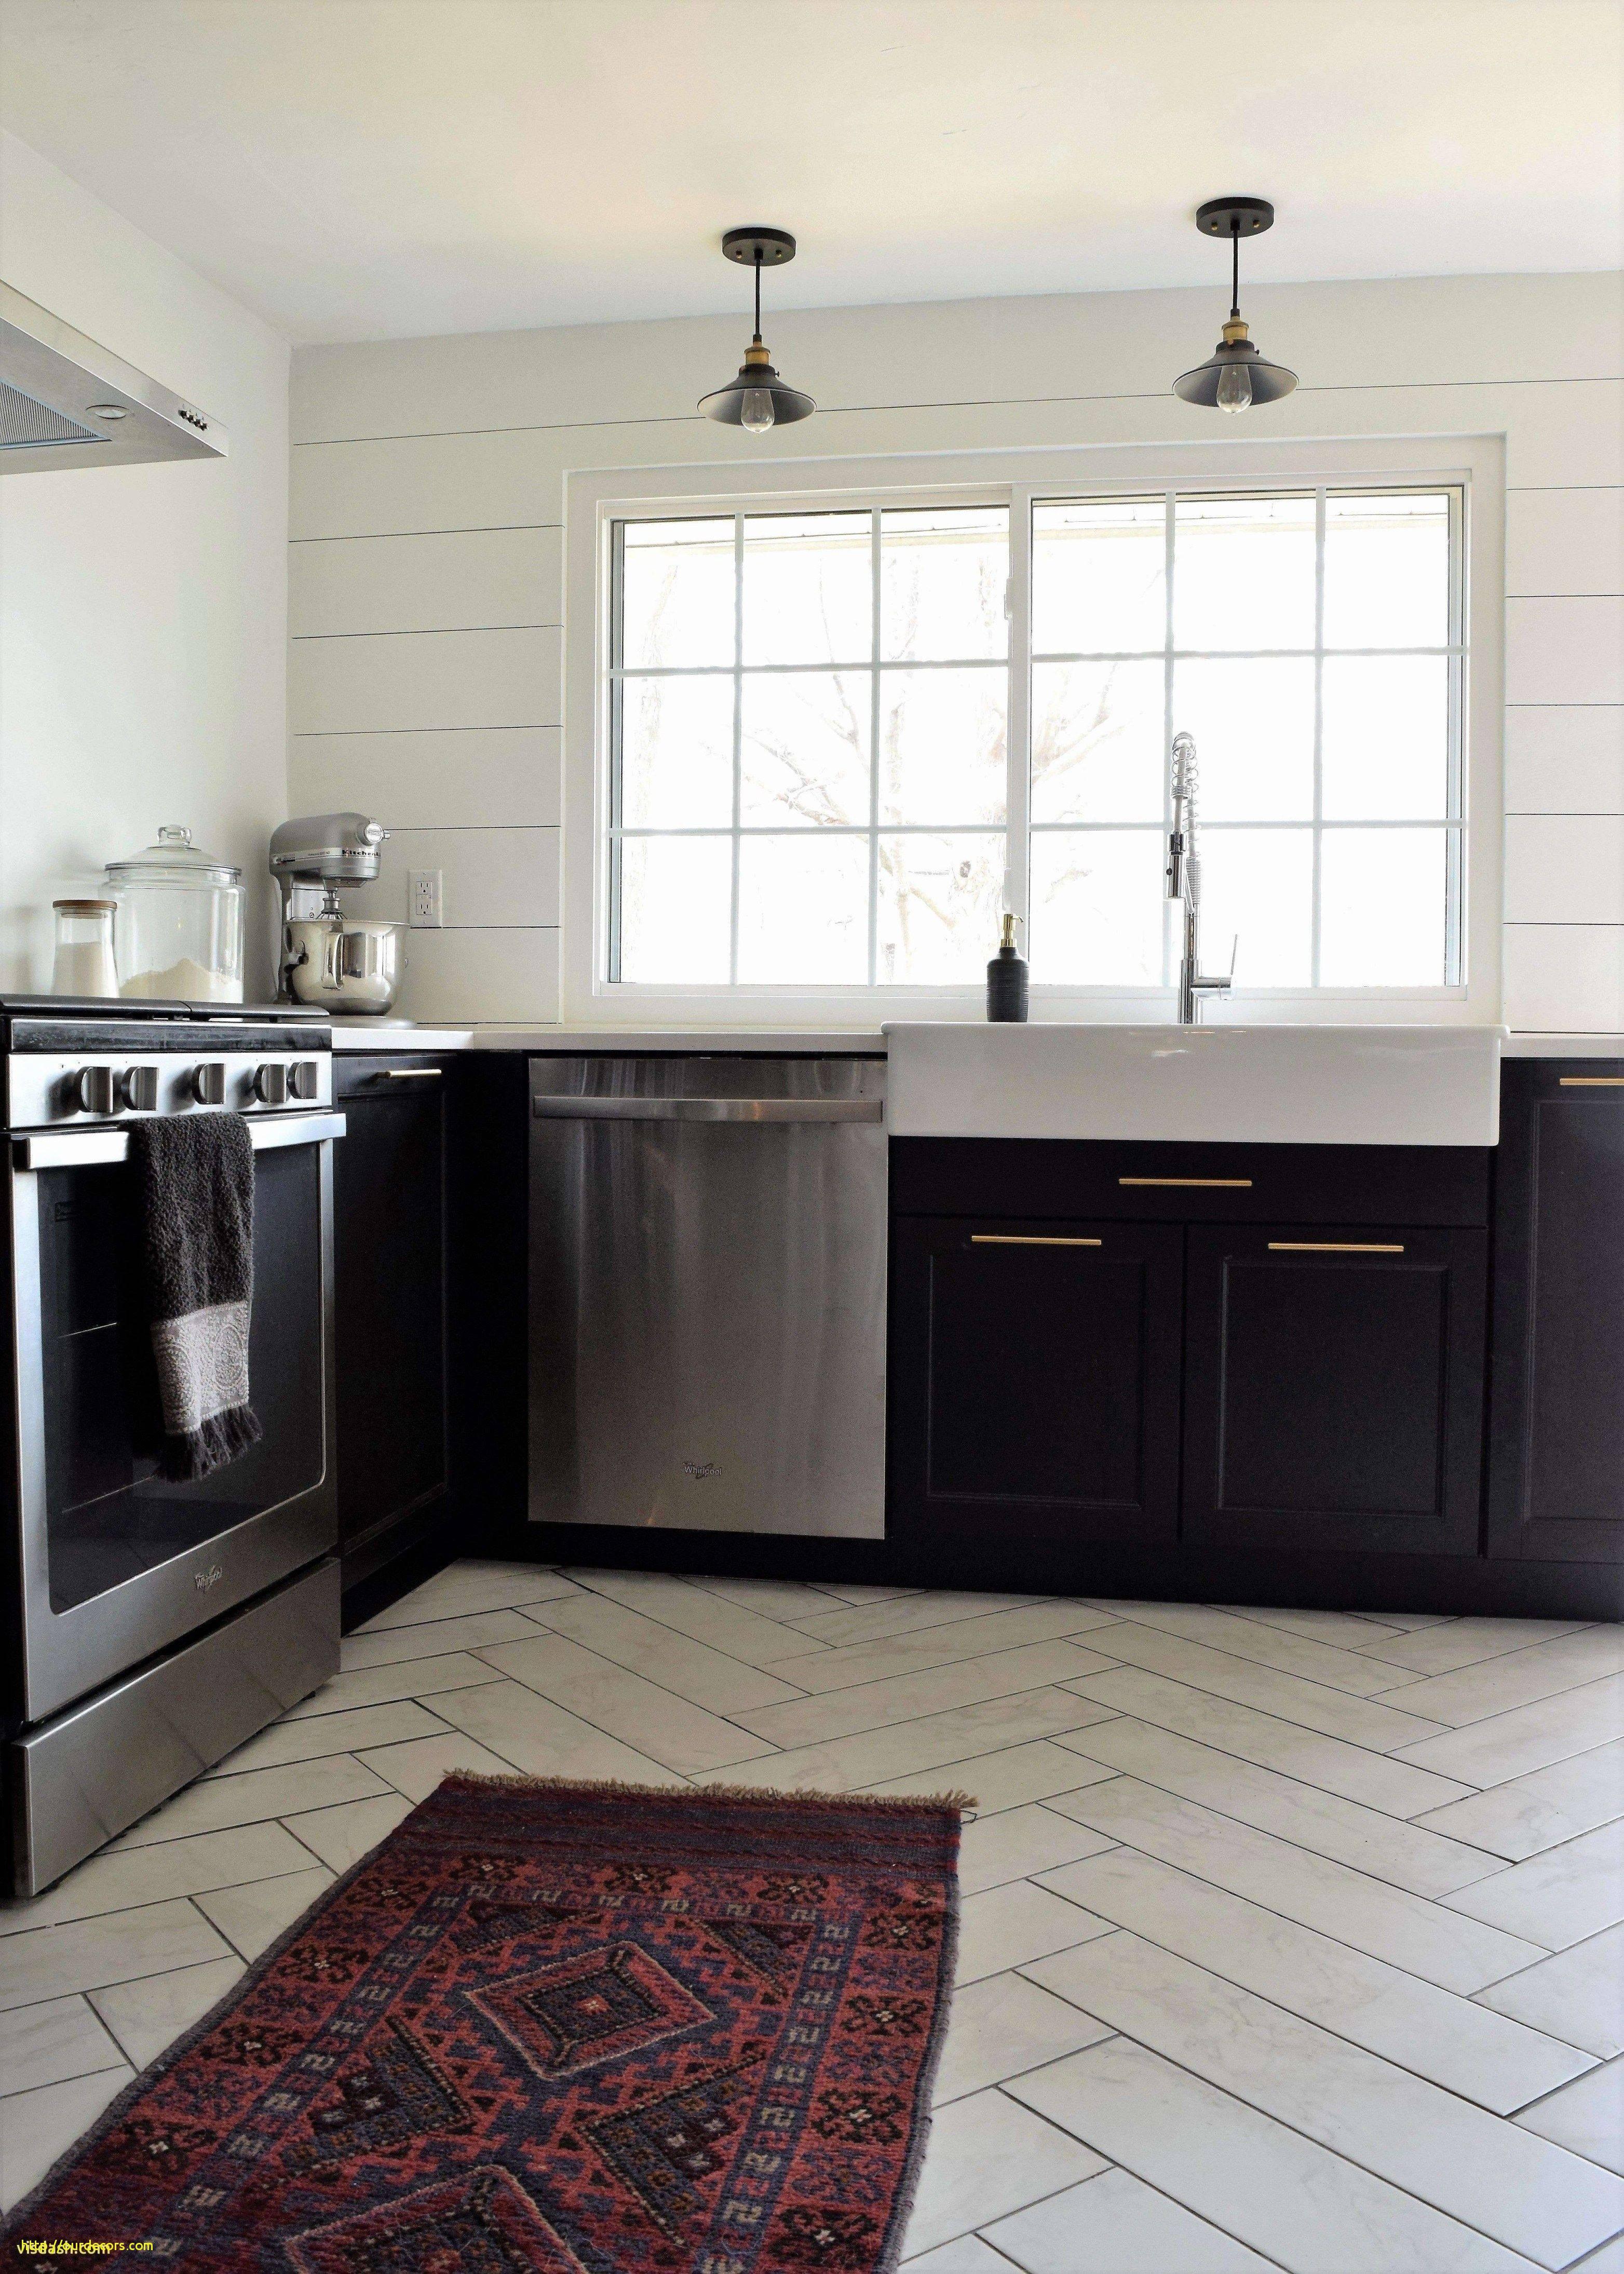 modern kitchen designers new kitchens designs 2013 modern kitchen image kitchen renovation of modern kitchen designers